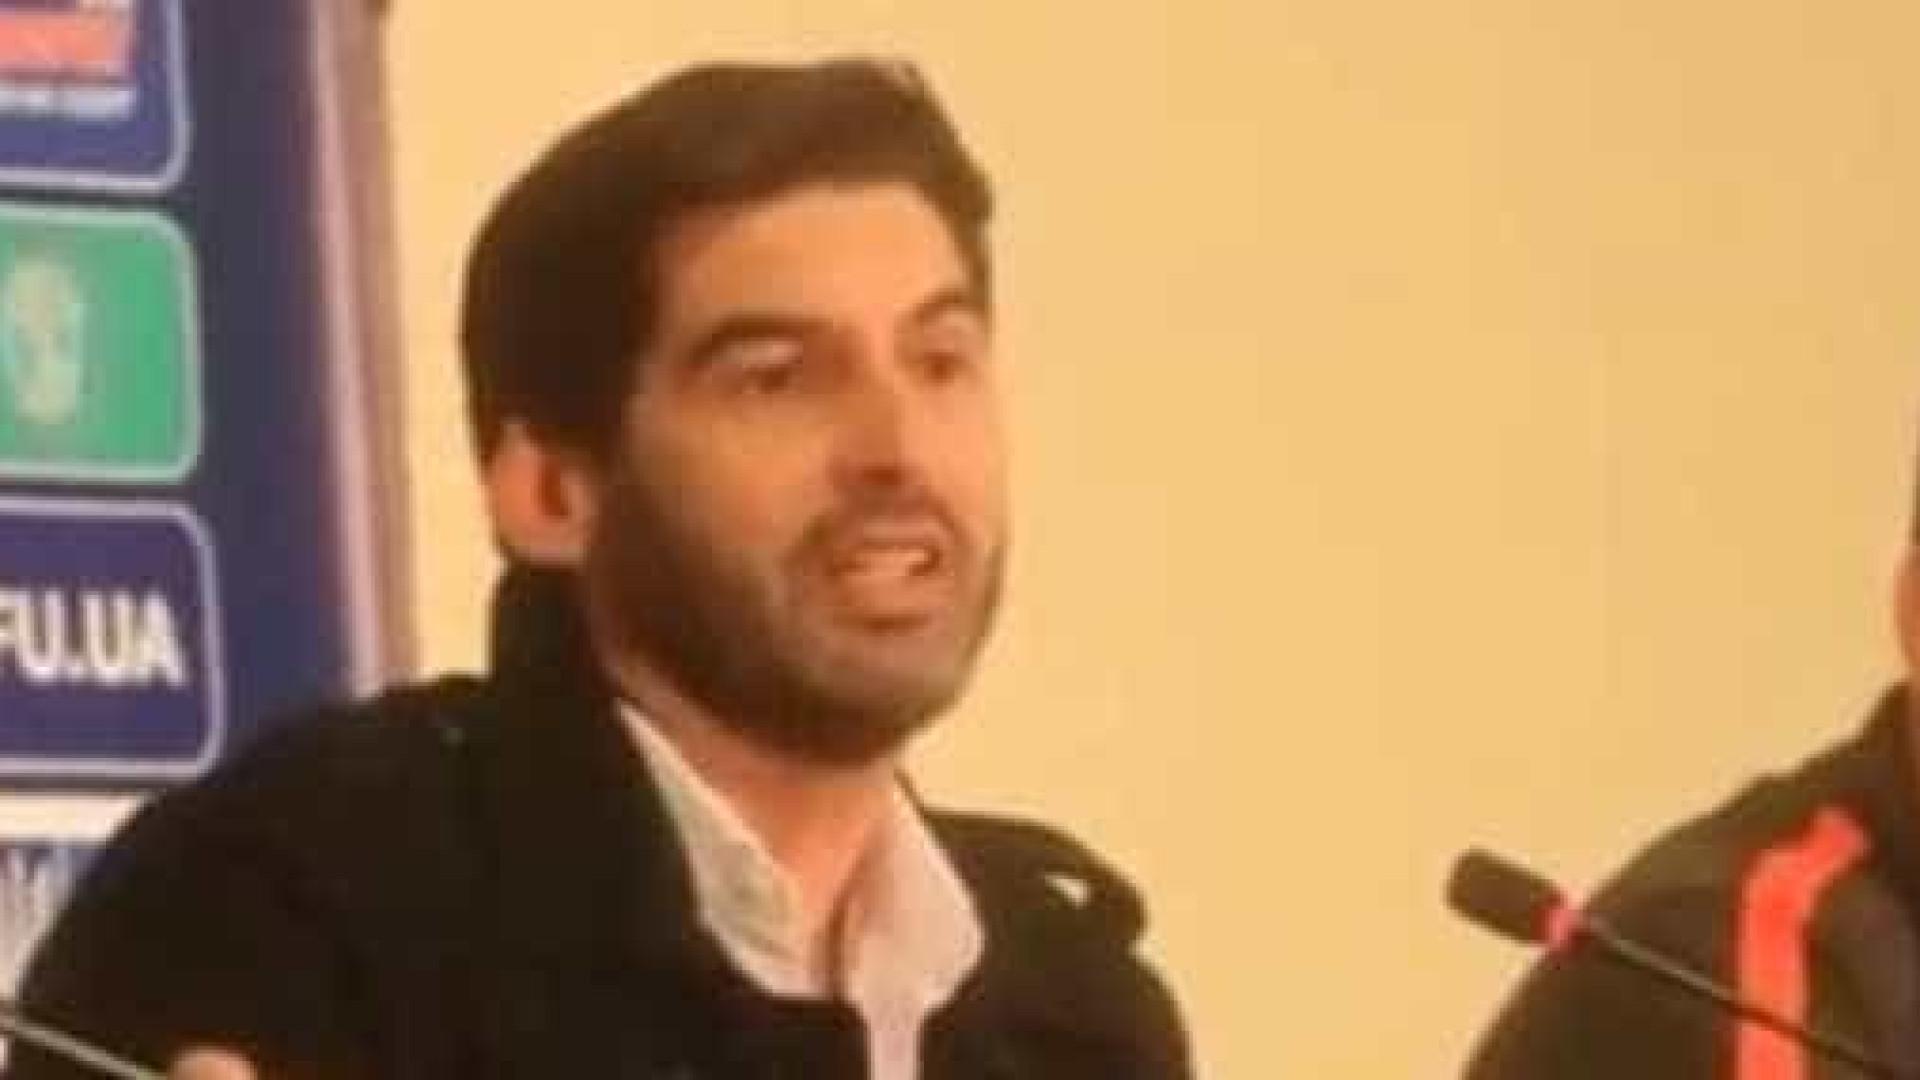 Paulo Fonseca oferece pastilha para a azia a um jornalista ucraniano